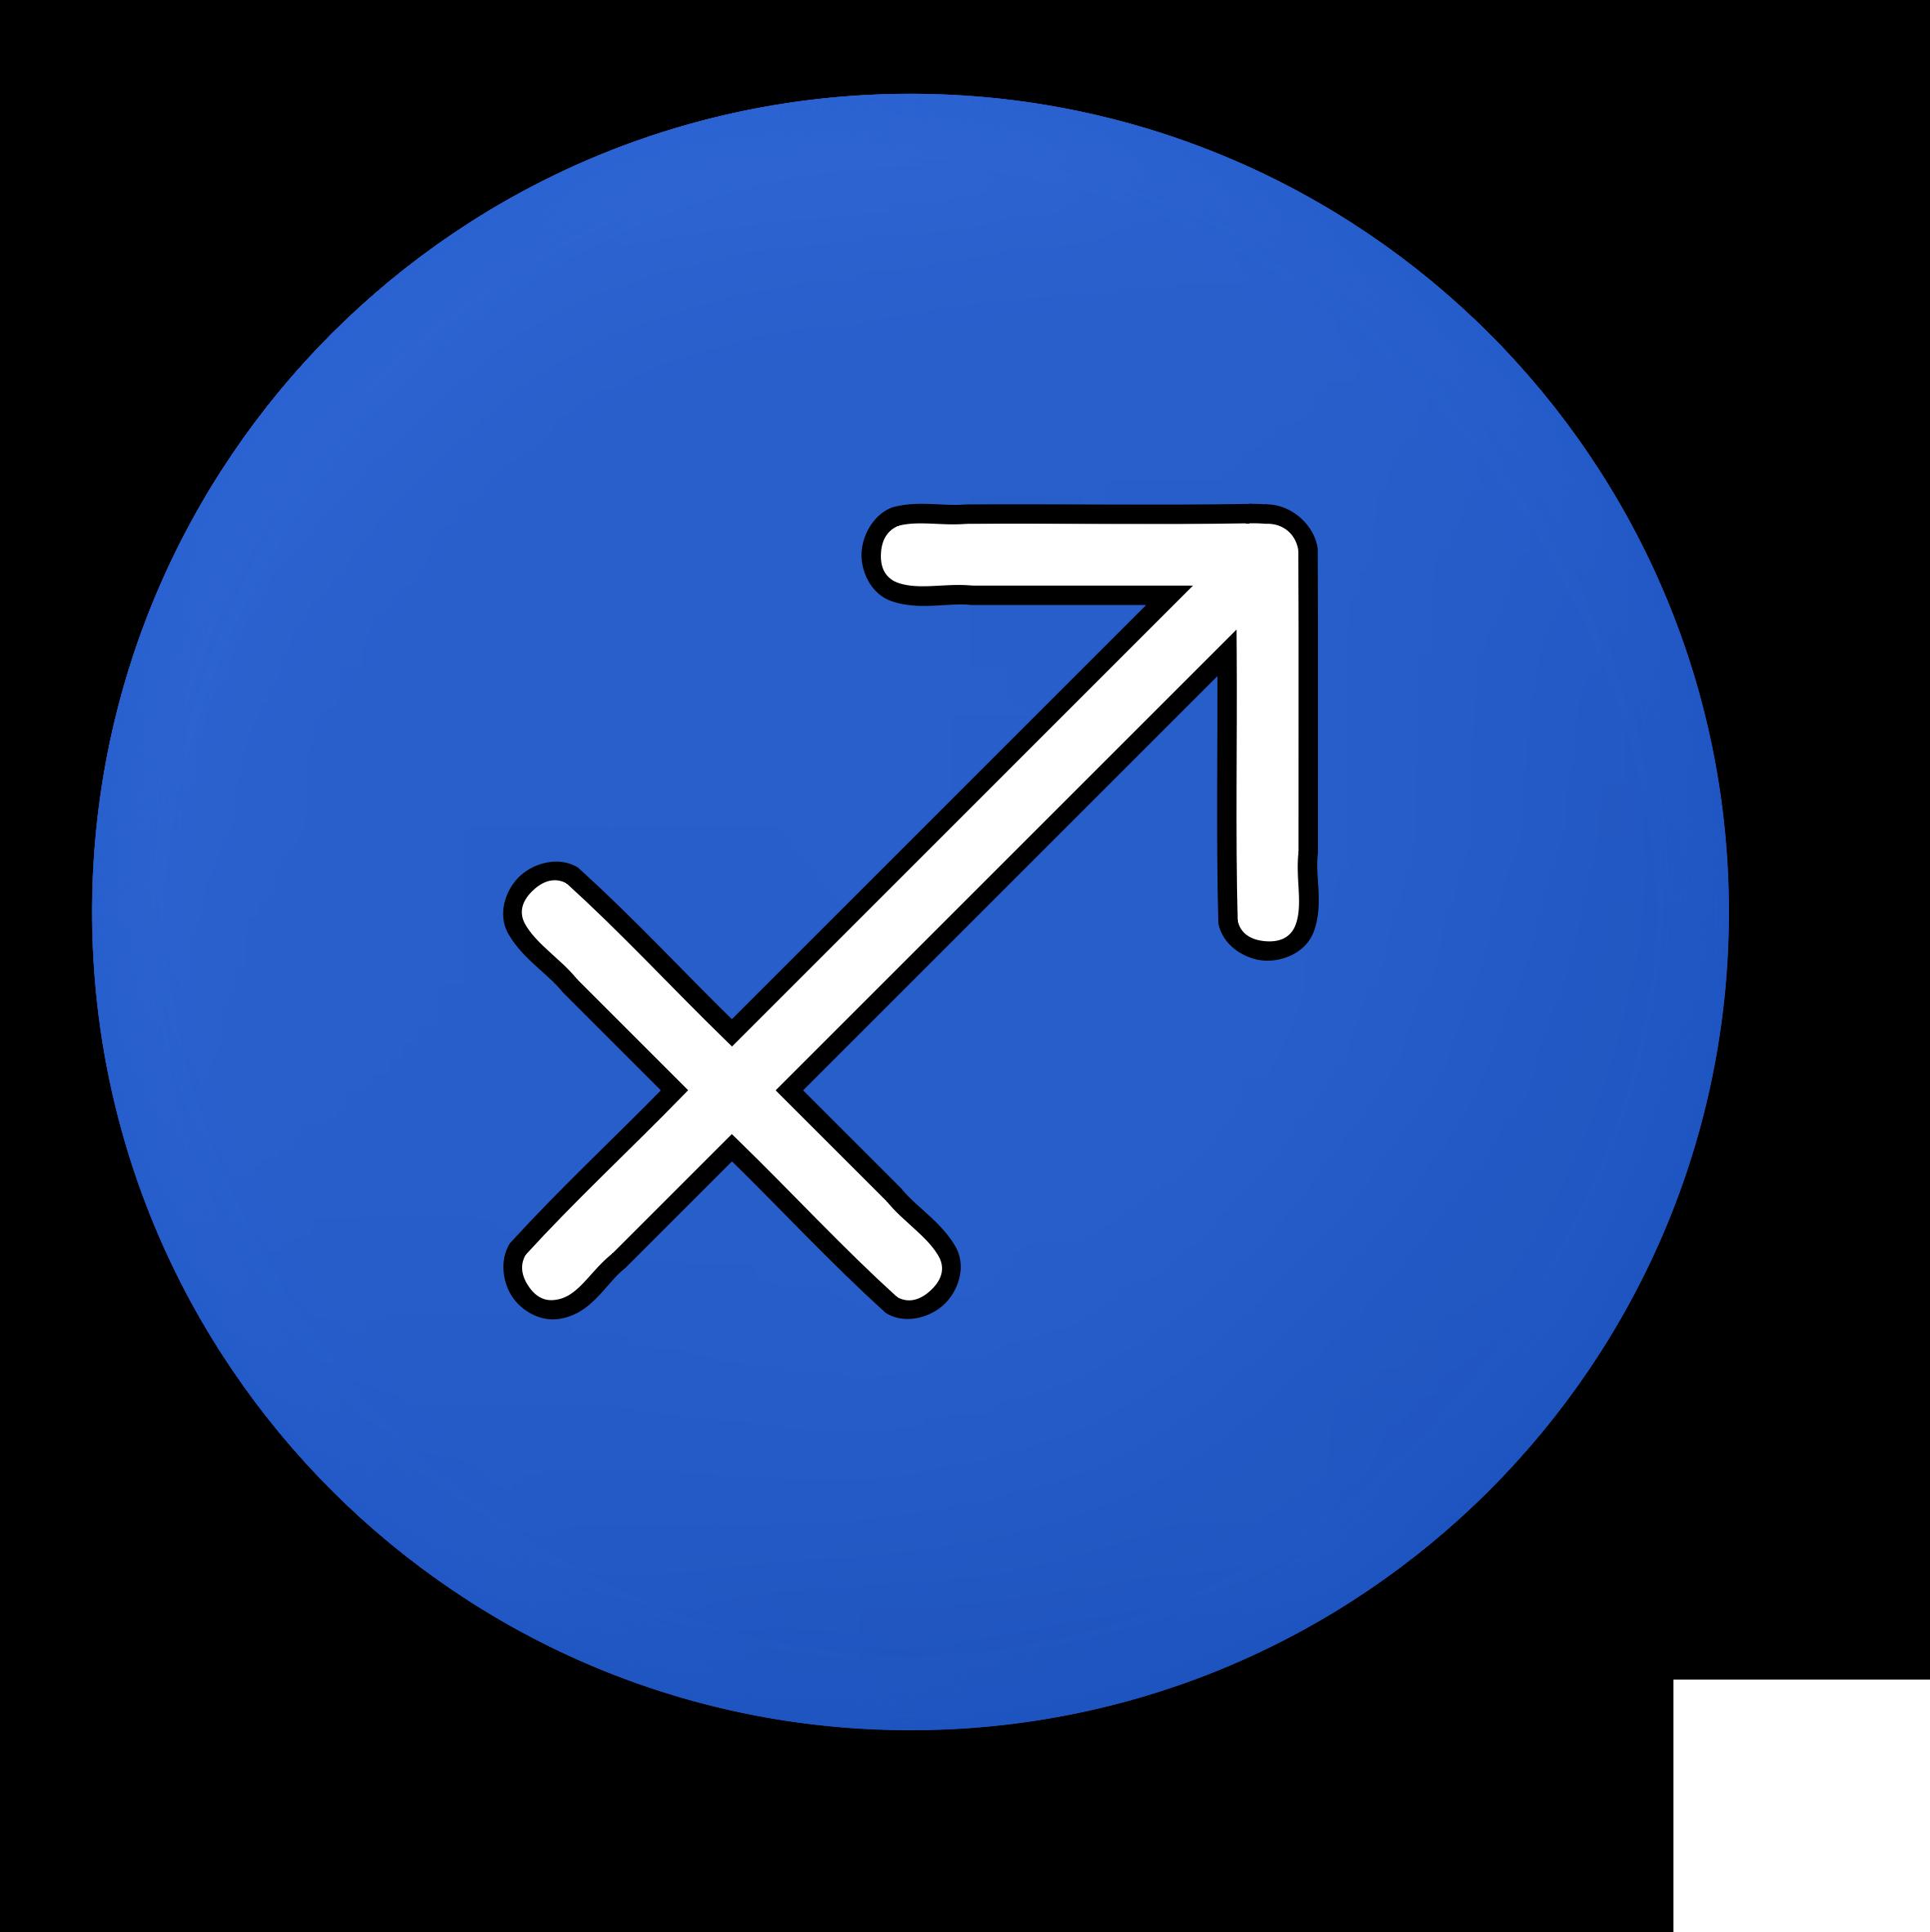 Sagittarius symbol Vector Clipart image.